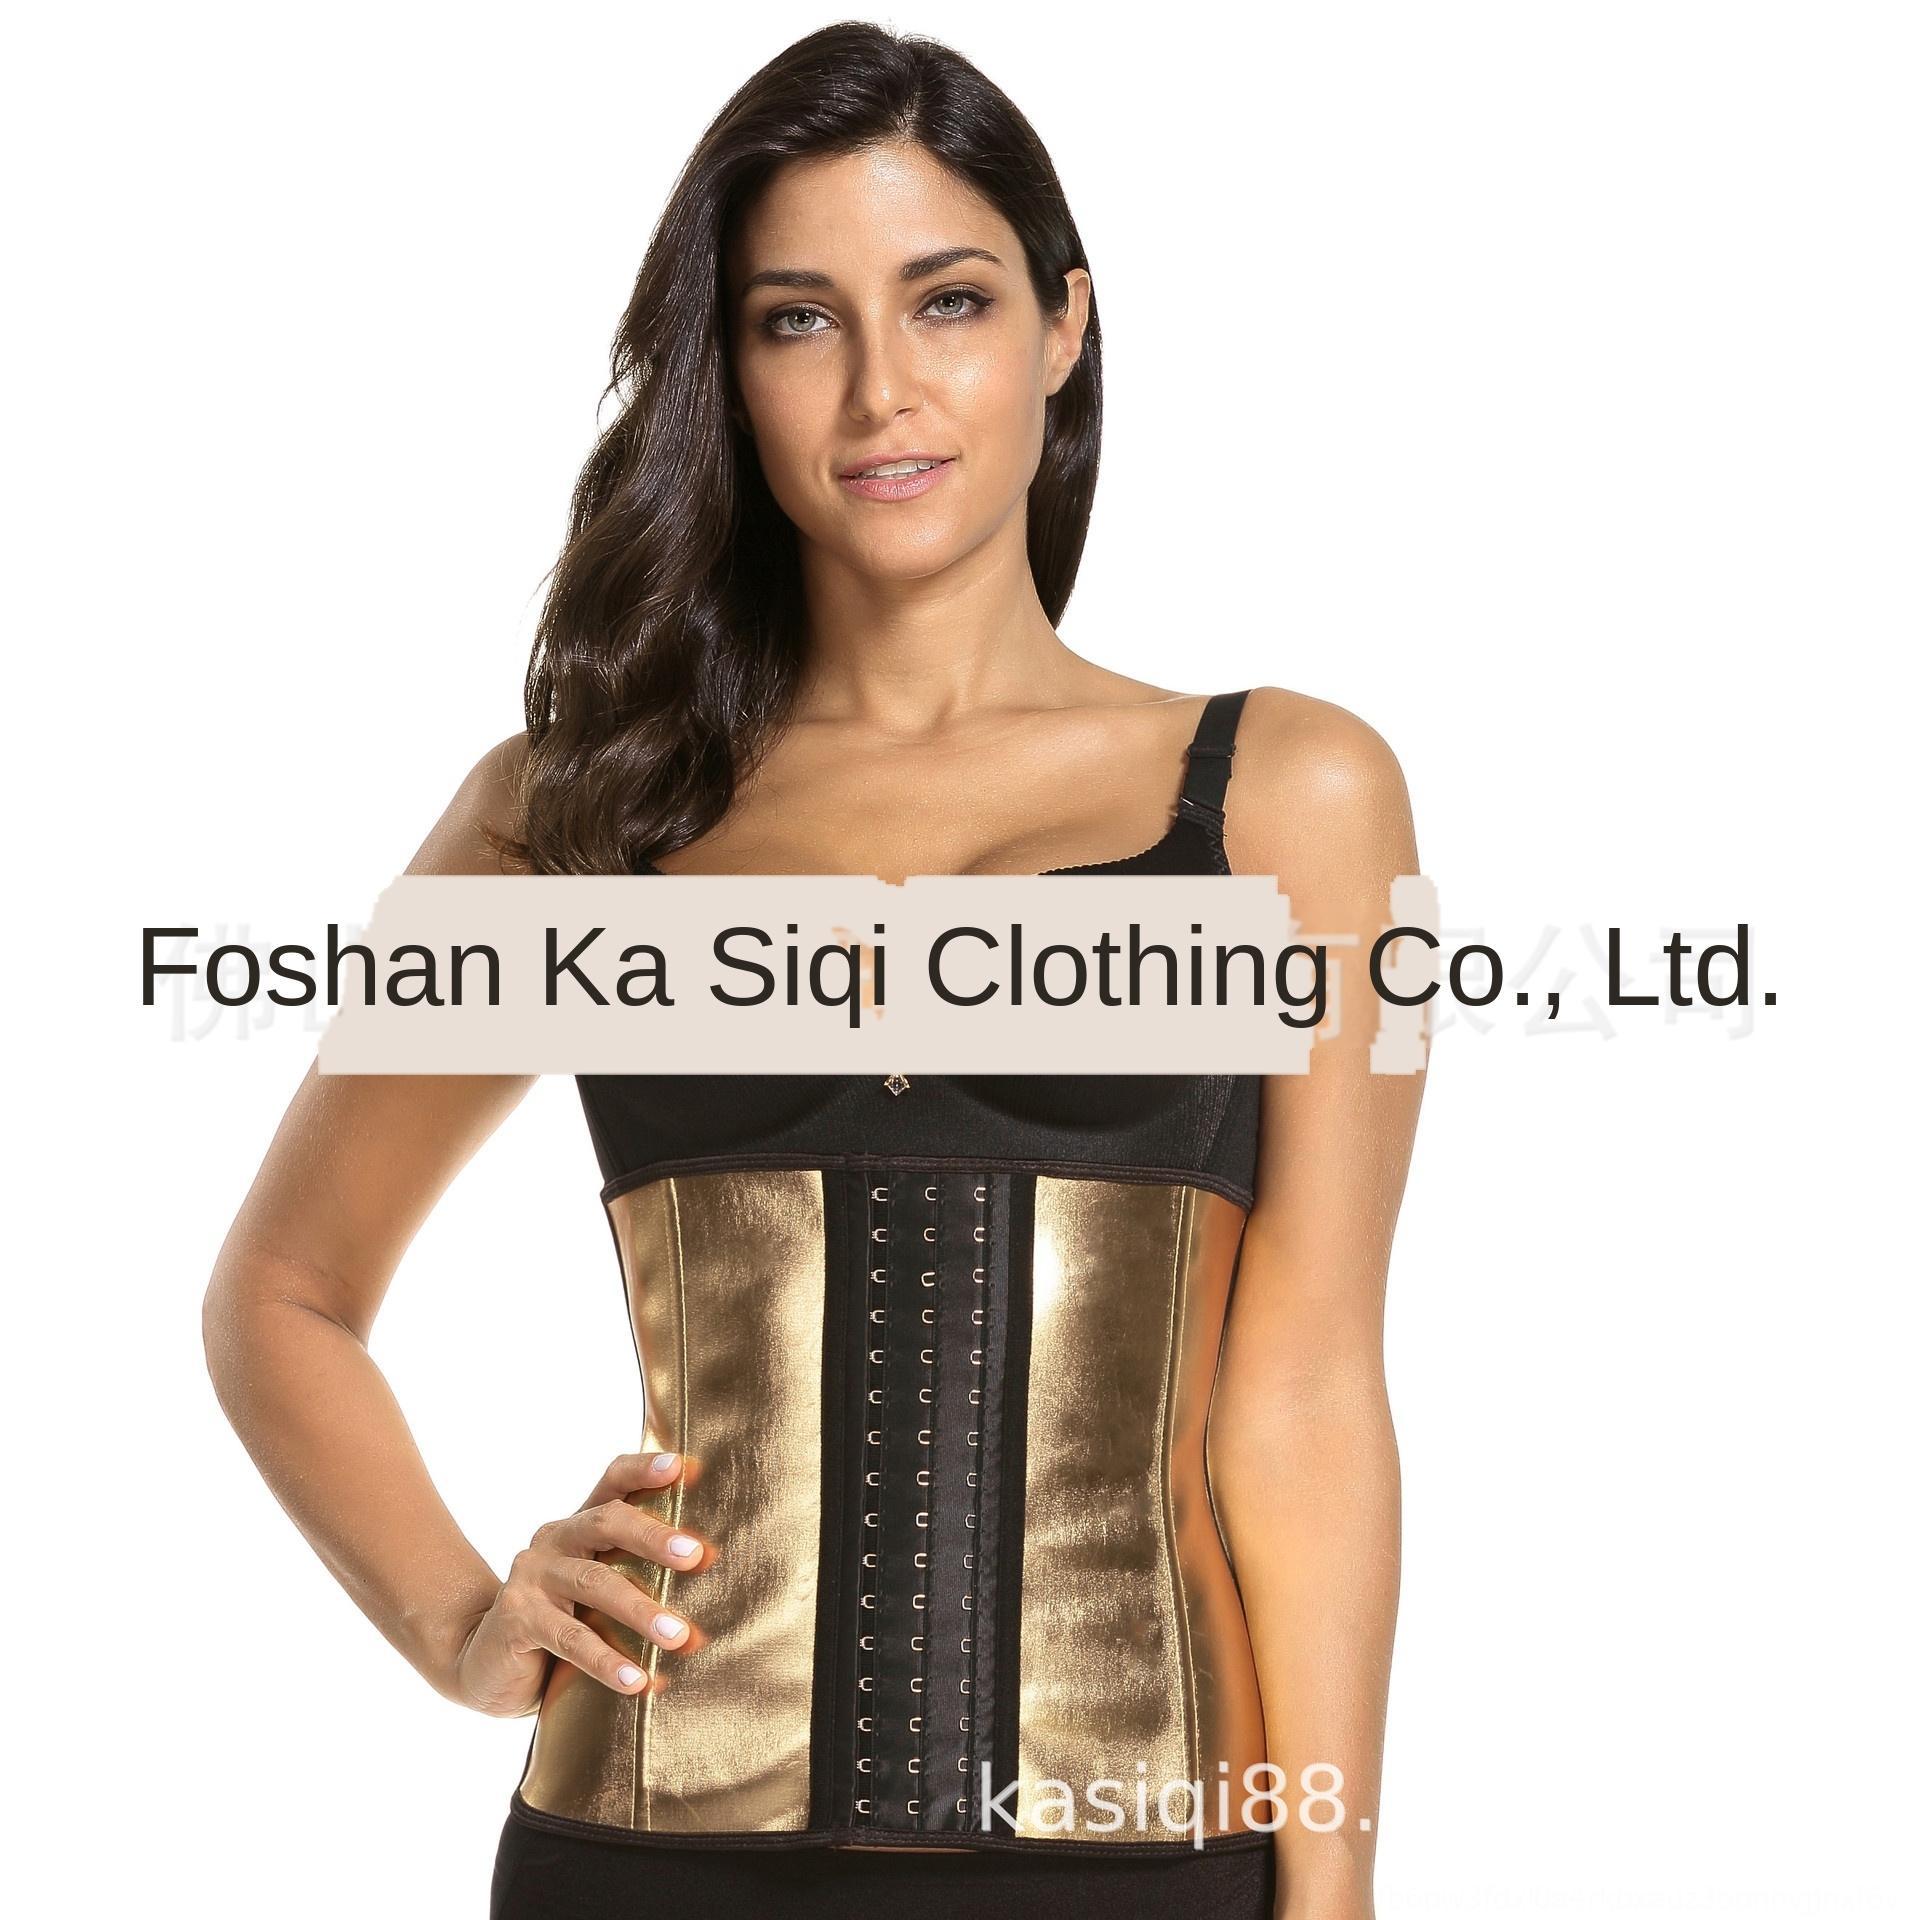 qZdIa Hot-vendendo celebridade Internet Ouro-amarrado cintura barriga fechado shaping Shapewear shapewear aptidão-amarrado cintura fina cintura látex corpo-sha